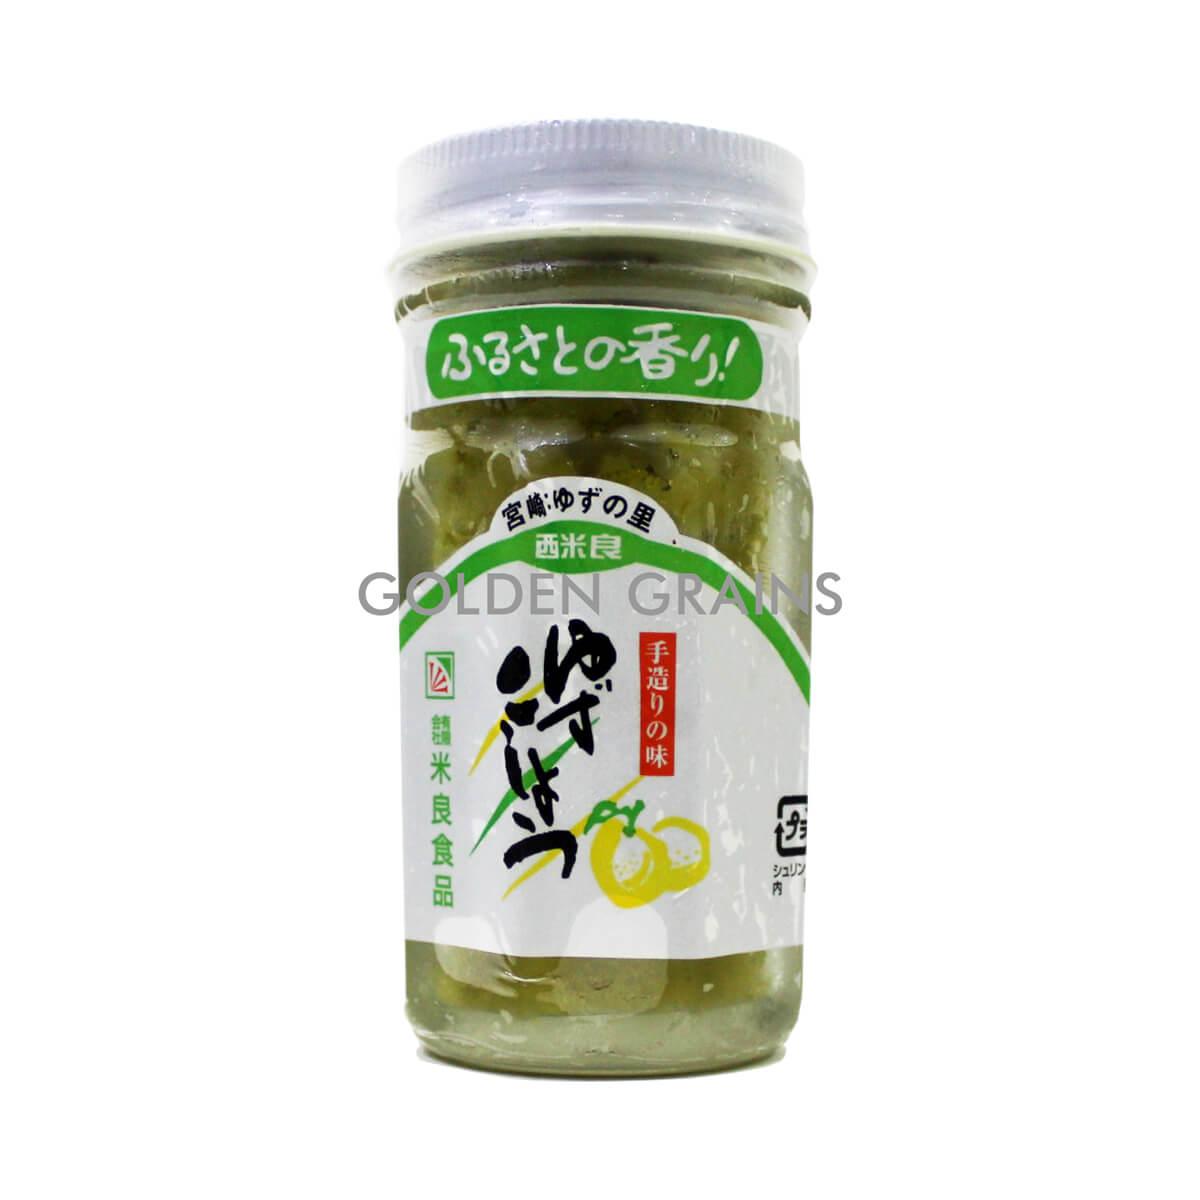 Golden Grains Mera Foods - Yuzu Kosho Blue - Front.jpg